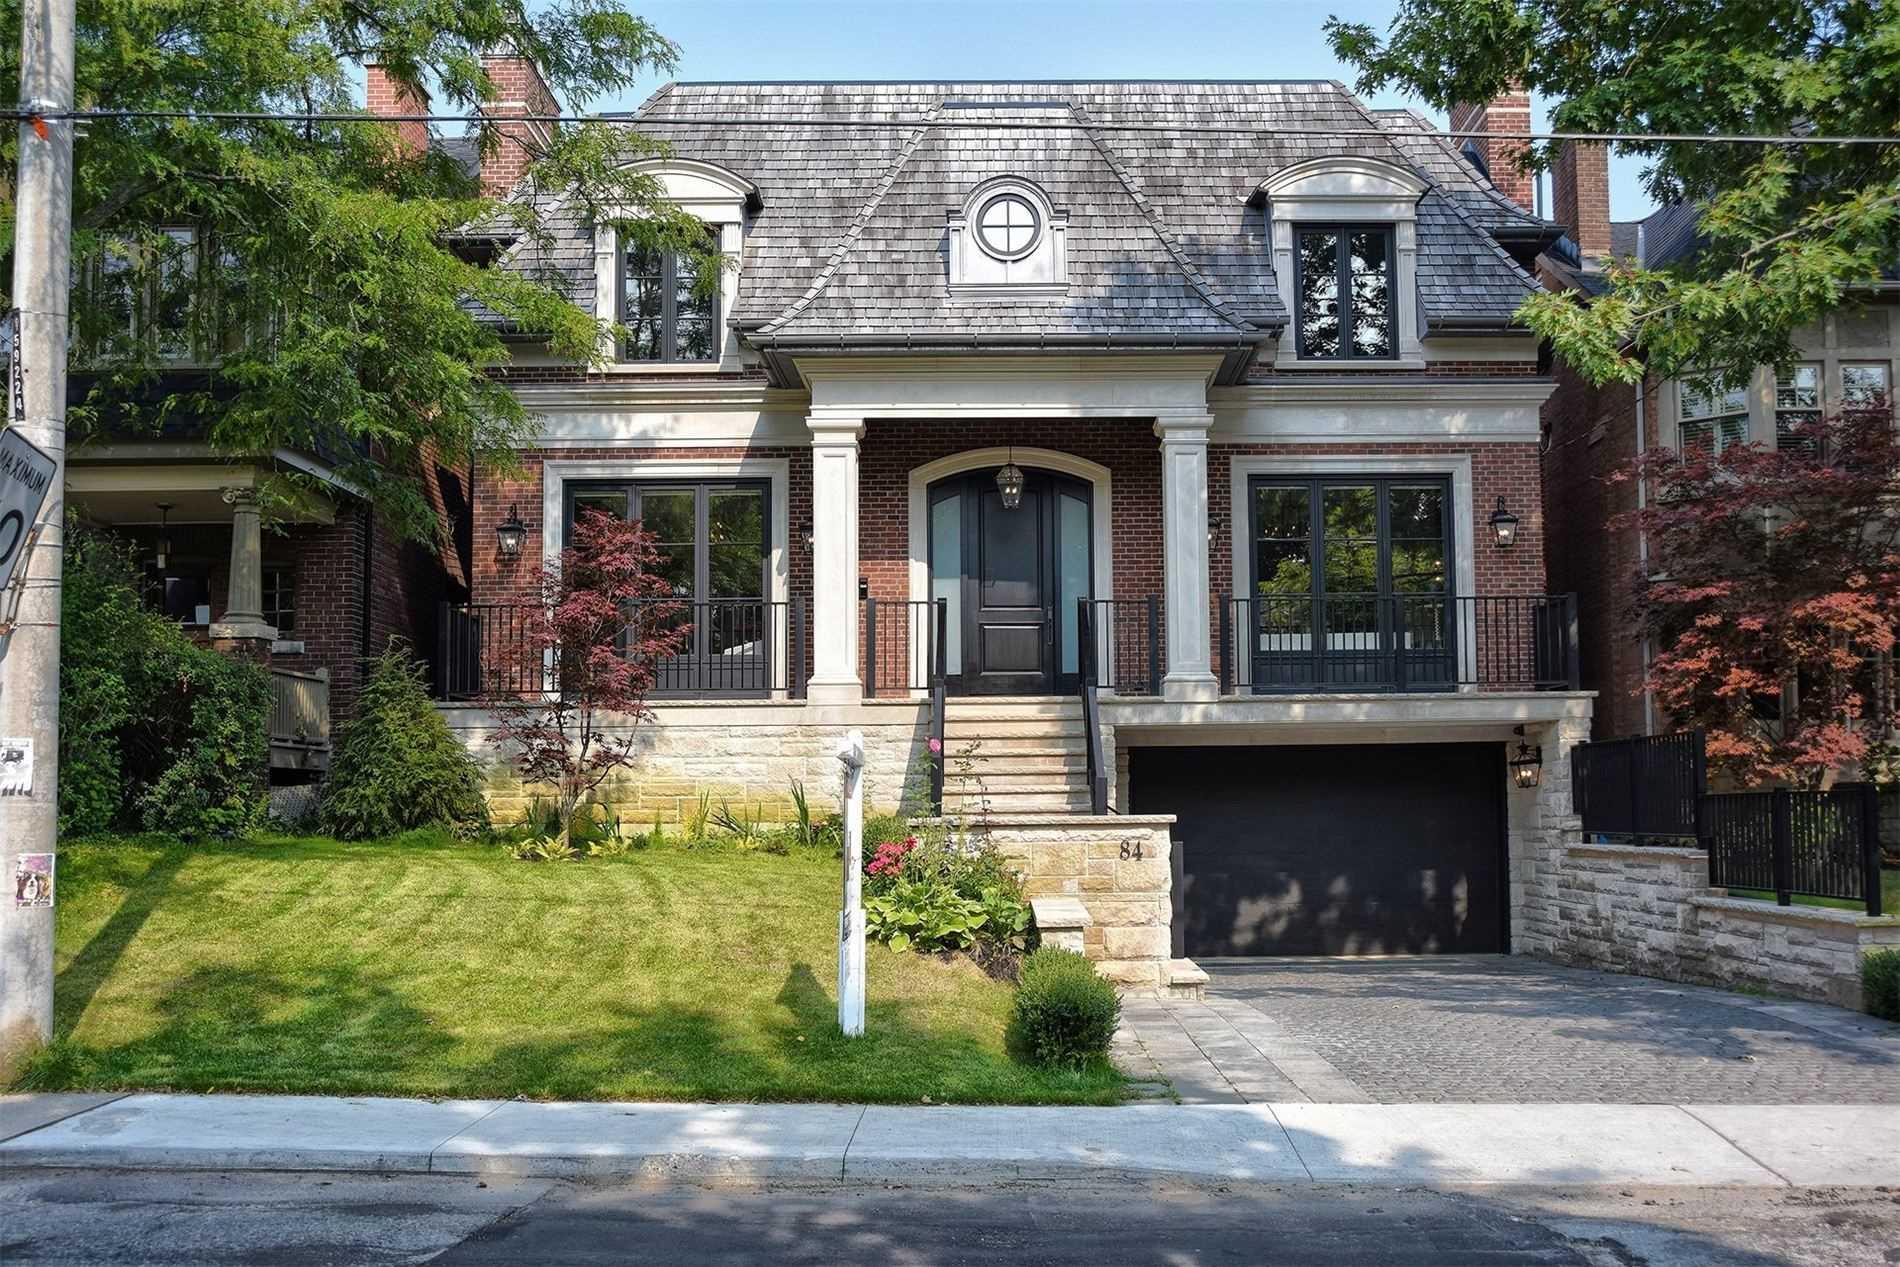 84 Glencairn Ave, Toronto, M4R1M8